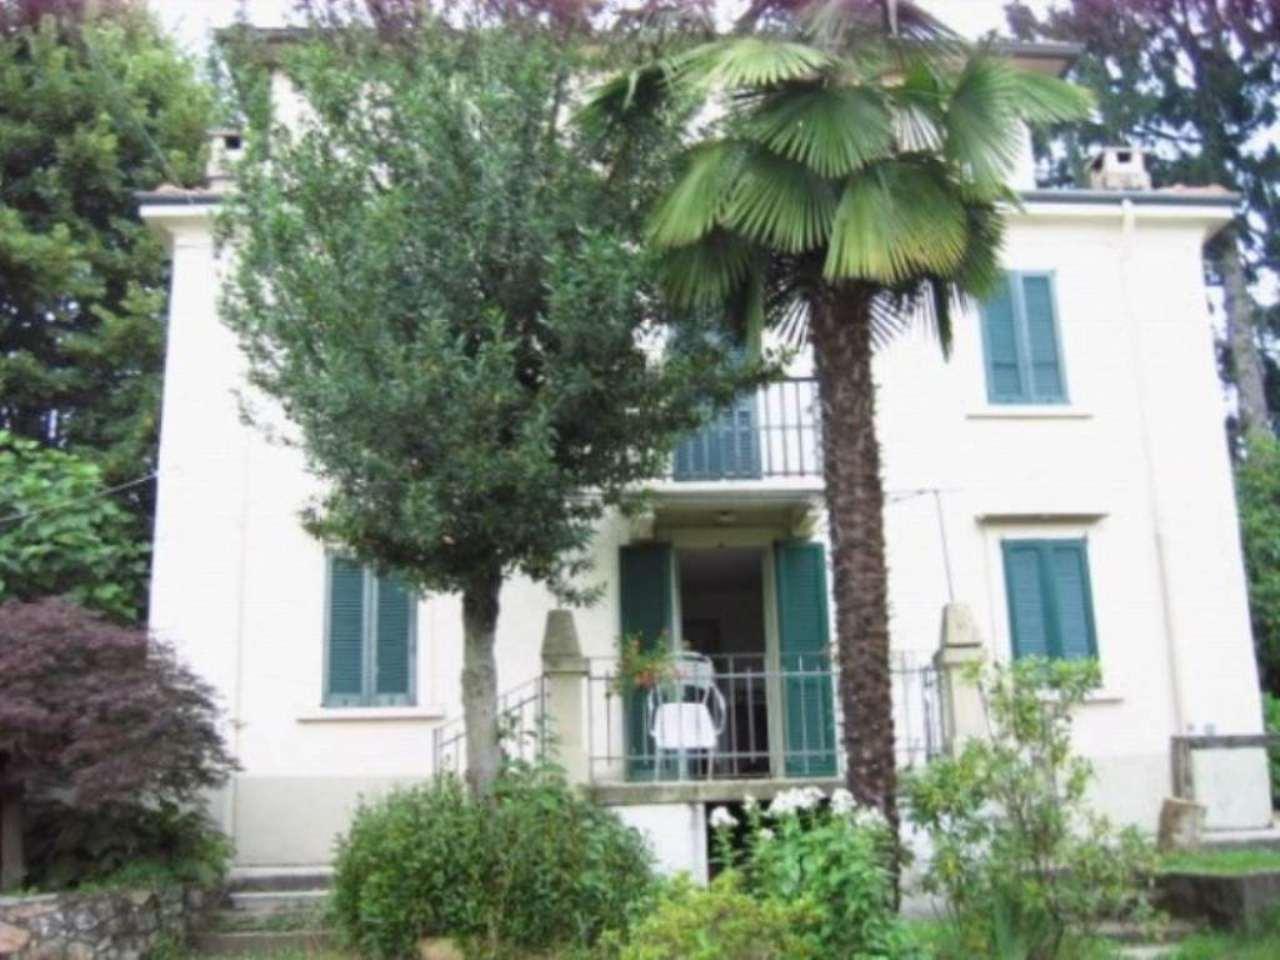 Rustico / Casale in vendita a Induno Olona, 6 locali, prezzo € 330.000 | Cambio Casa.it